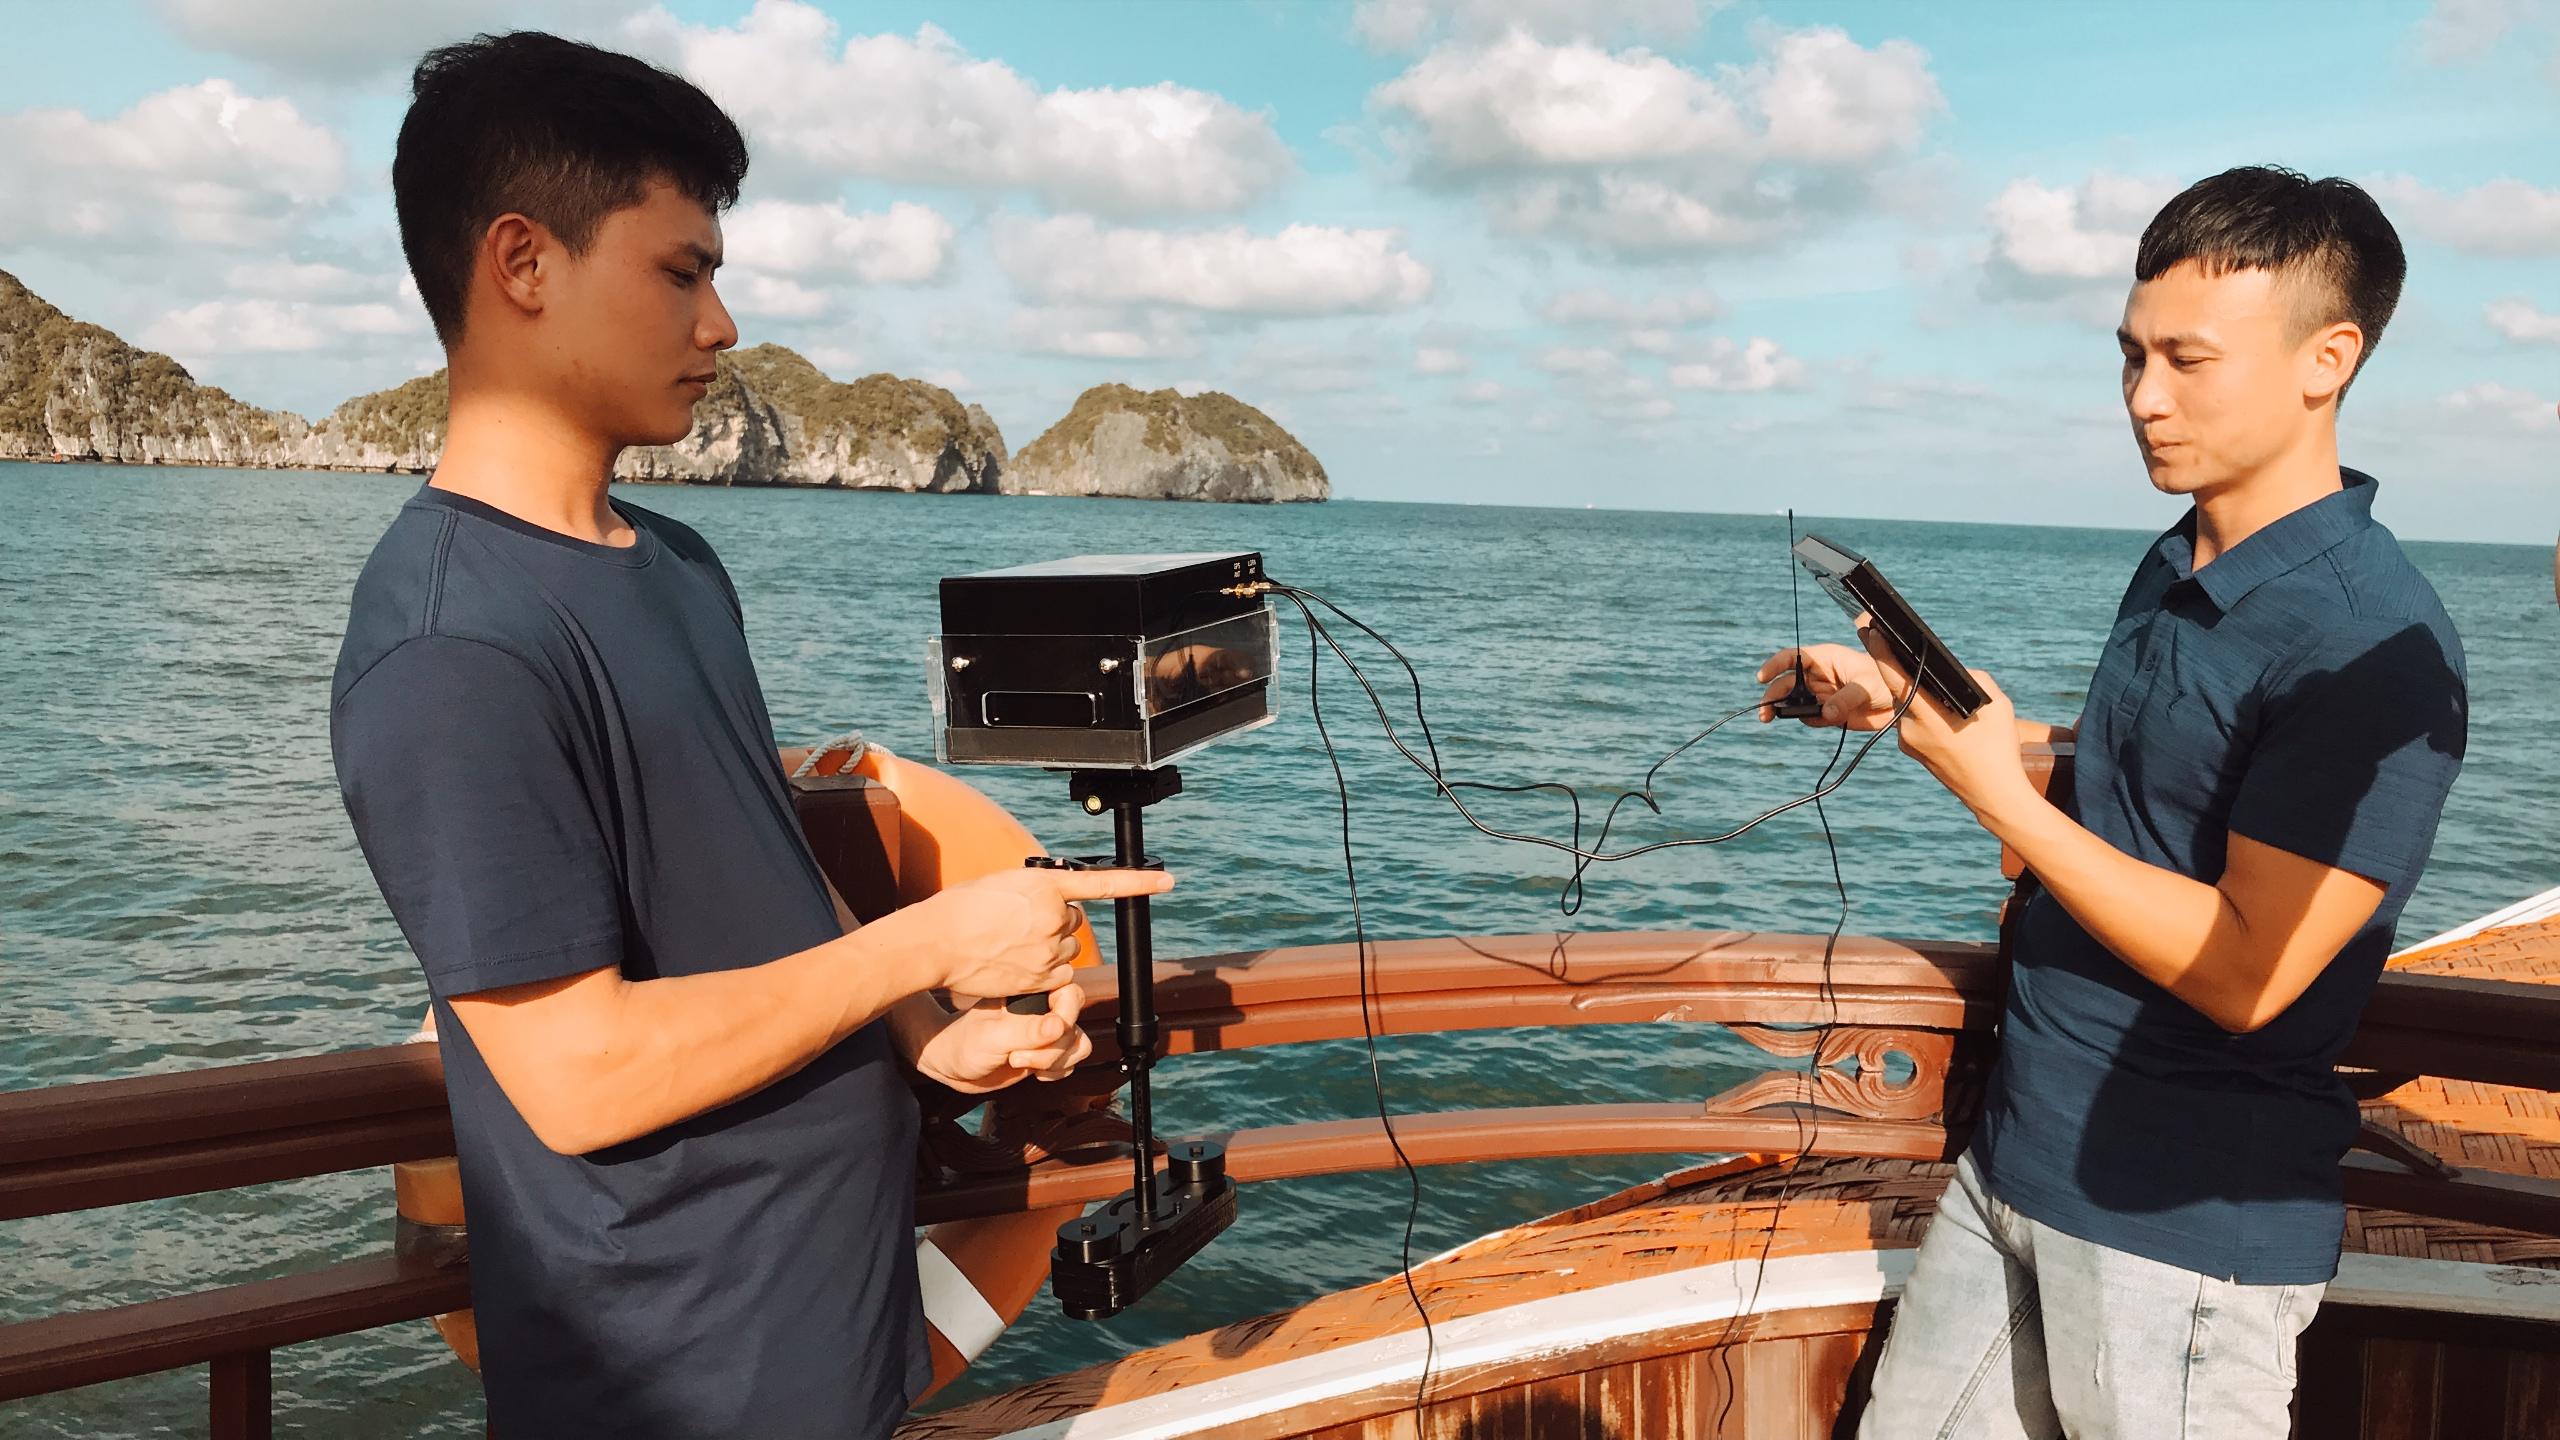 Nhóm chạy thử nghiệm hệ thống thiết bị phục vụ đo và vẽ bản đồ từ trường Trái đất trên biển